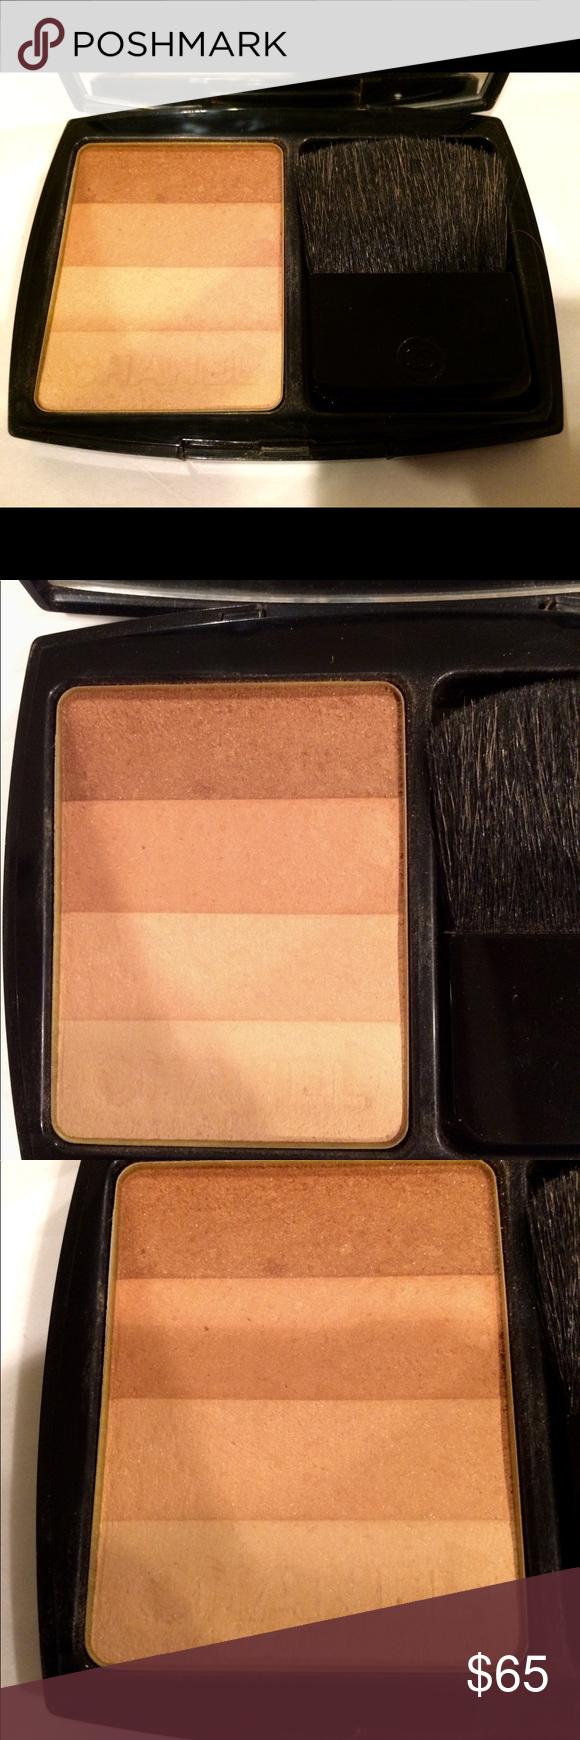 CHANEL, Soleil Tan De CHANEL🌞 Chanel makeup, Makeup